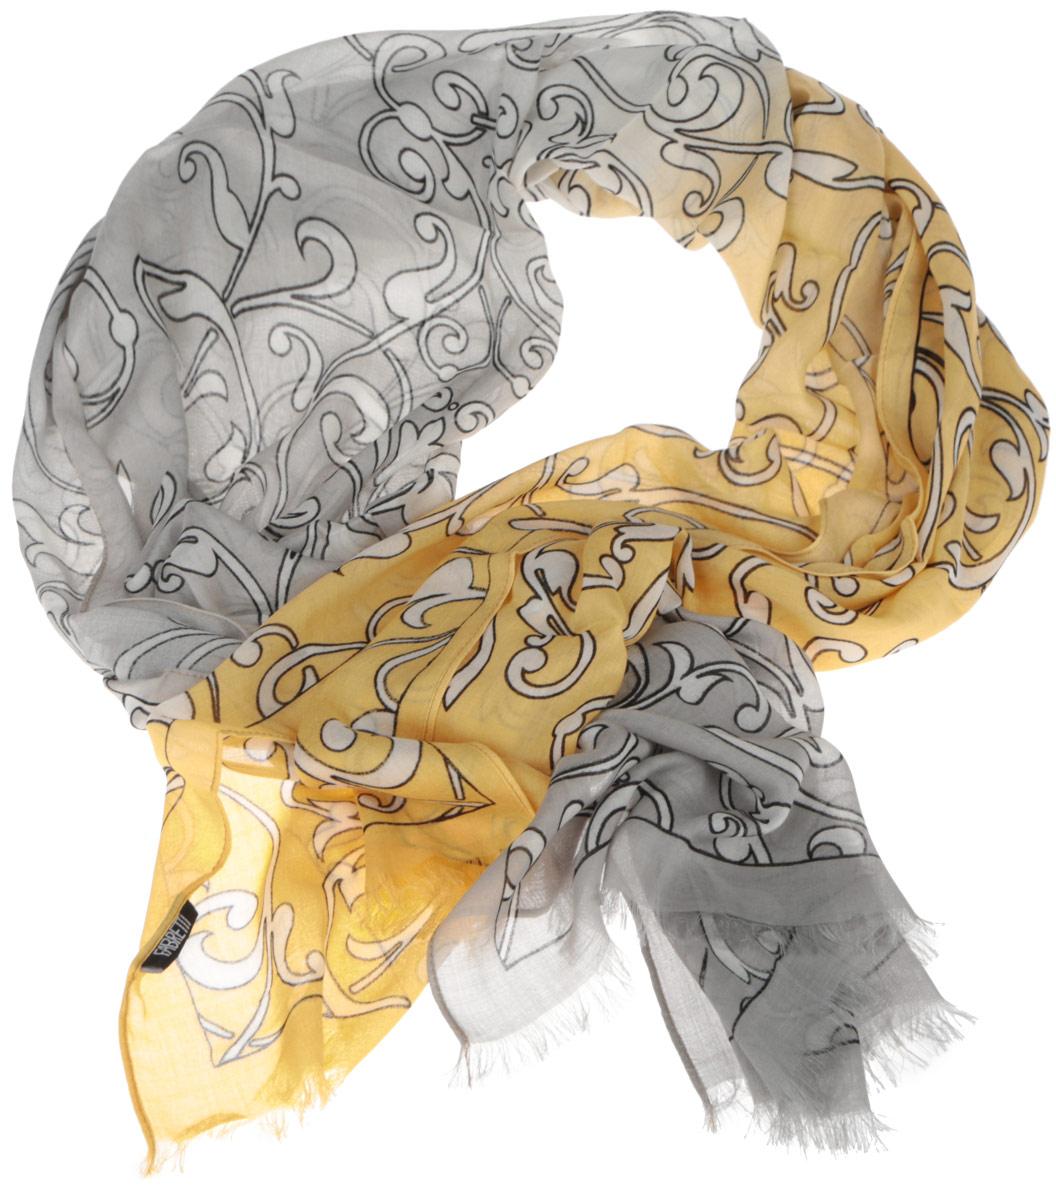 DS2015-002-15Женский шарф Fabretti позволит вам создать неповторимый и запоминающийся образ. Изготовленный из высококачественных материалов, он очень легкий, мягкий, имеет приятную на ощупь текстуру. Модель оформлена изысканным узором, украшена по краям короткими кисточками. Такой аксессуар станет стильным дополнением к гардеробу современной женщины, стремящейся всегда оставаться яркой и элегантной.